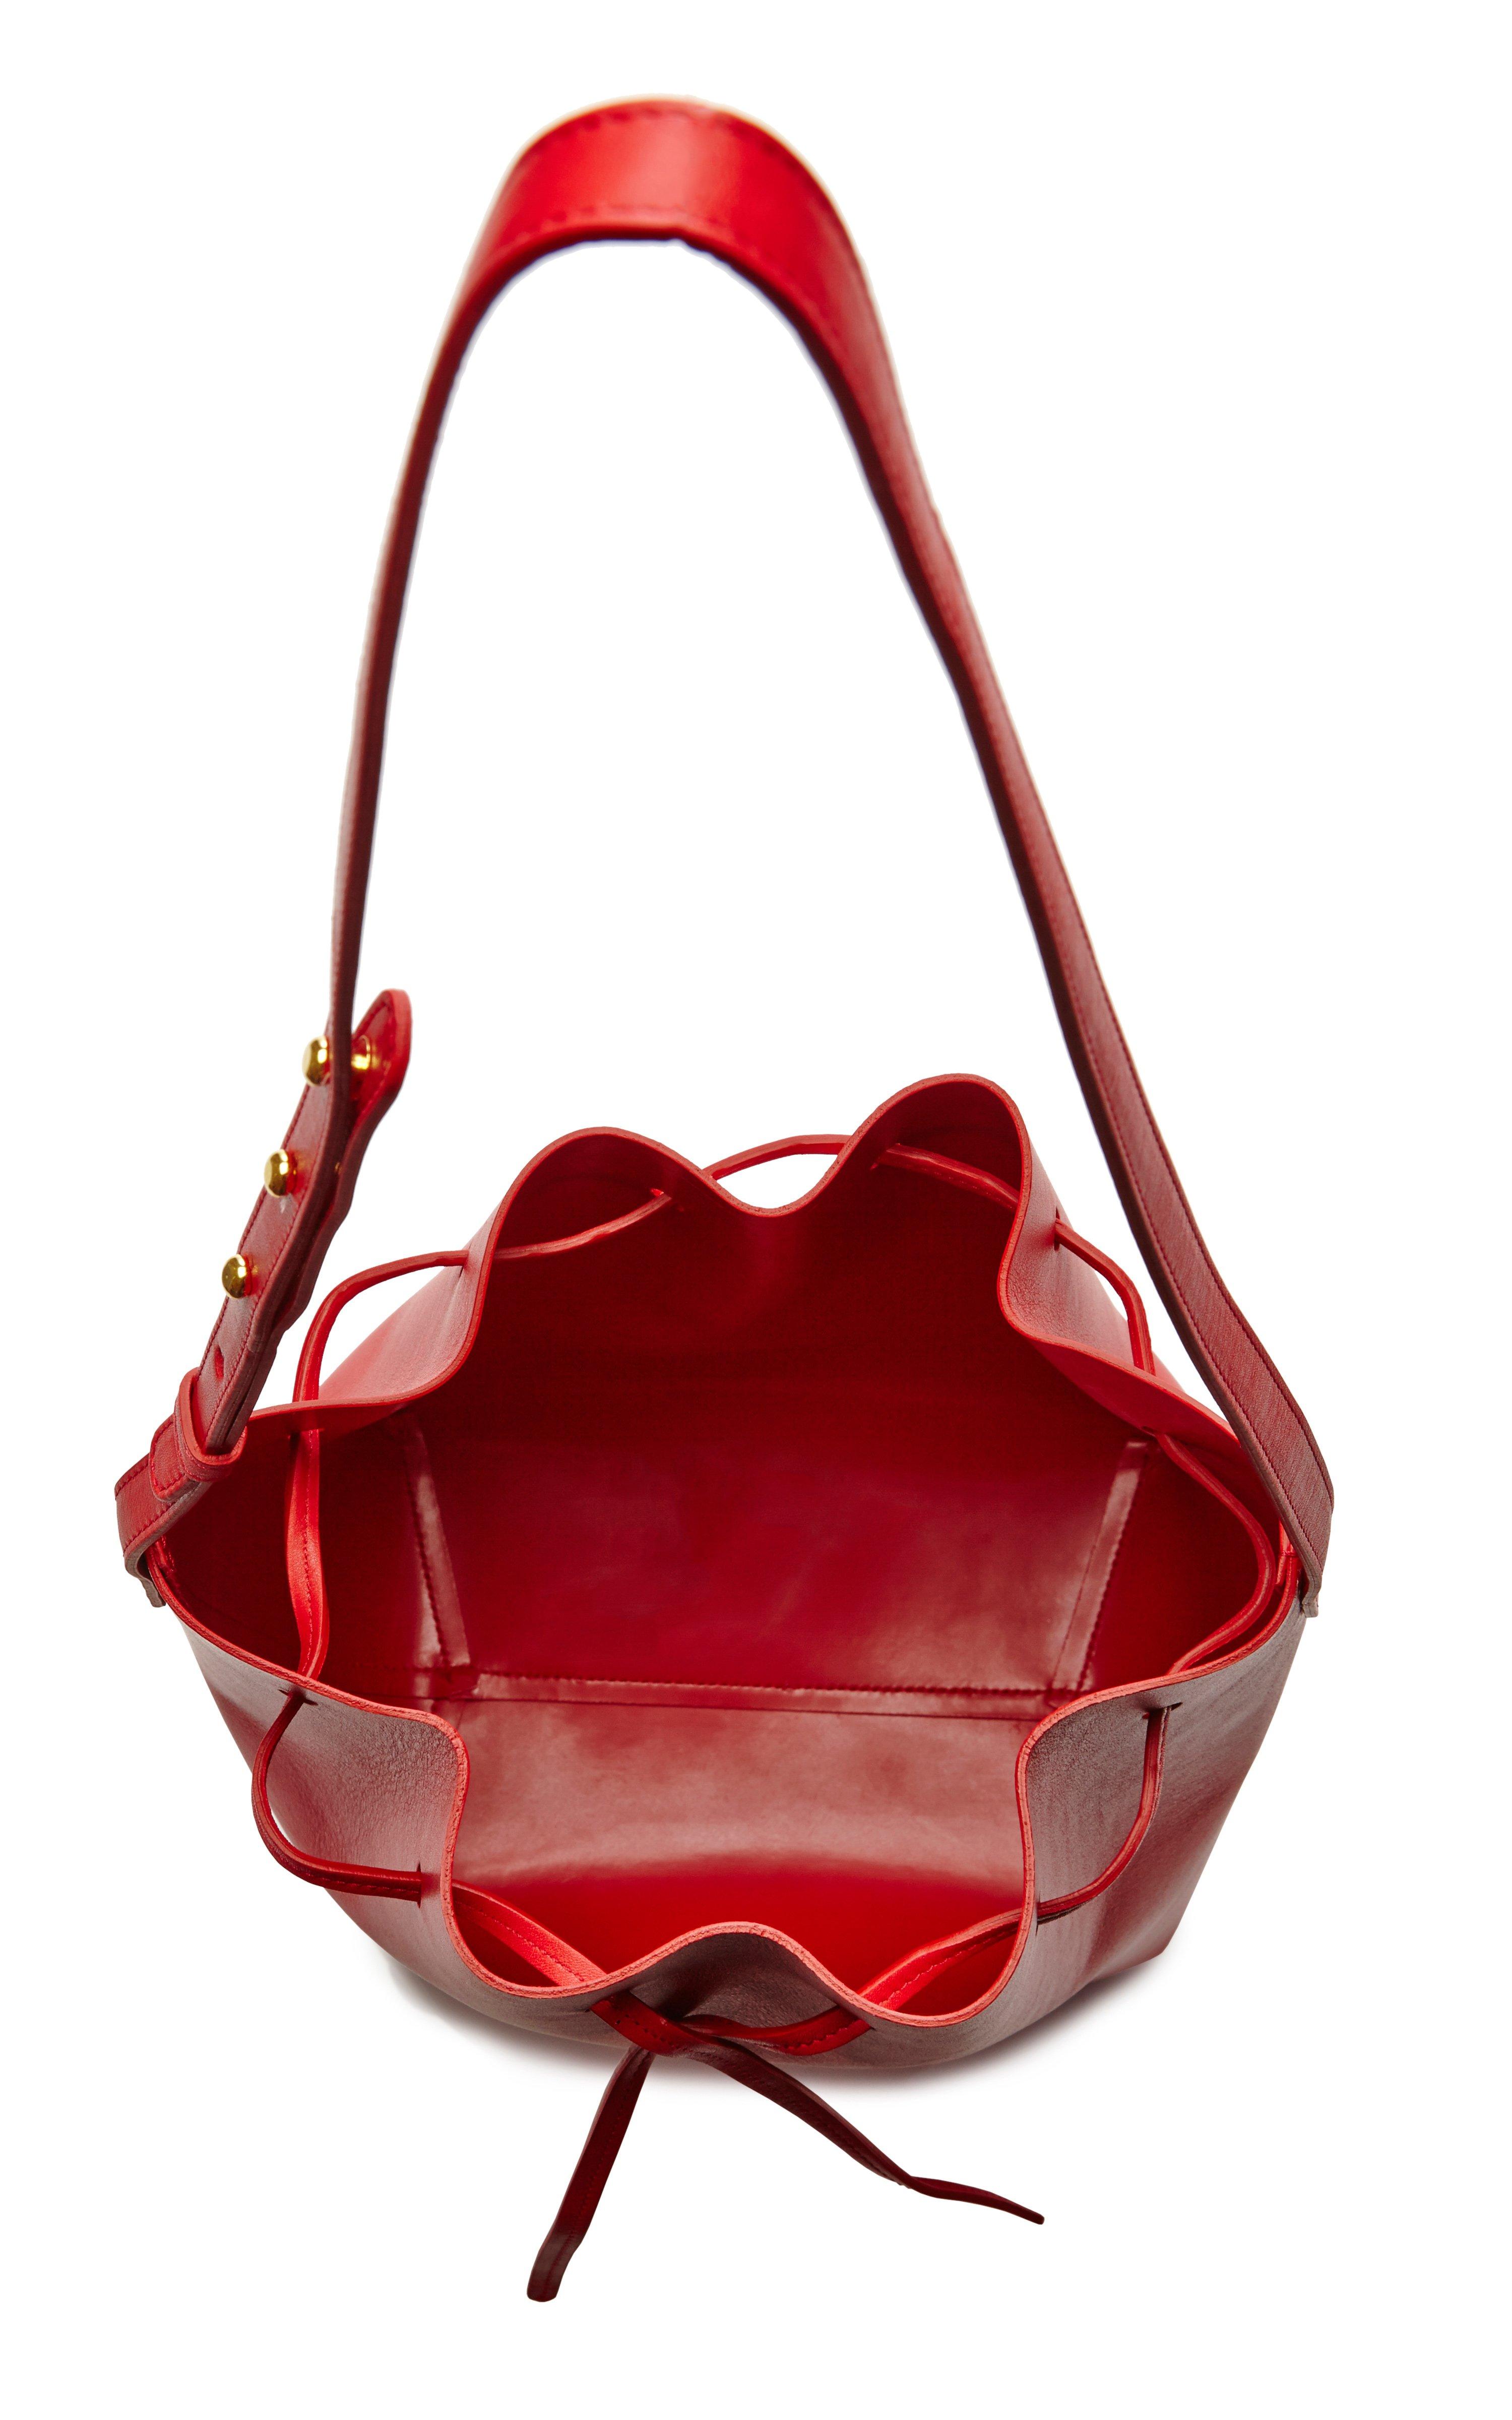 mansur gavriel large bucket bag in flamma in red lyst. Black Bedroom Furniture Sets. Home Design Ideas